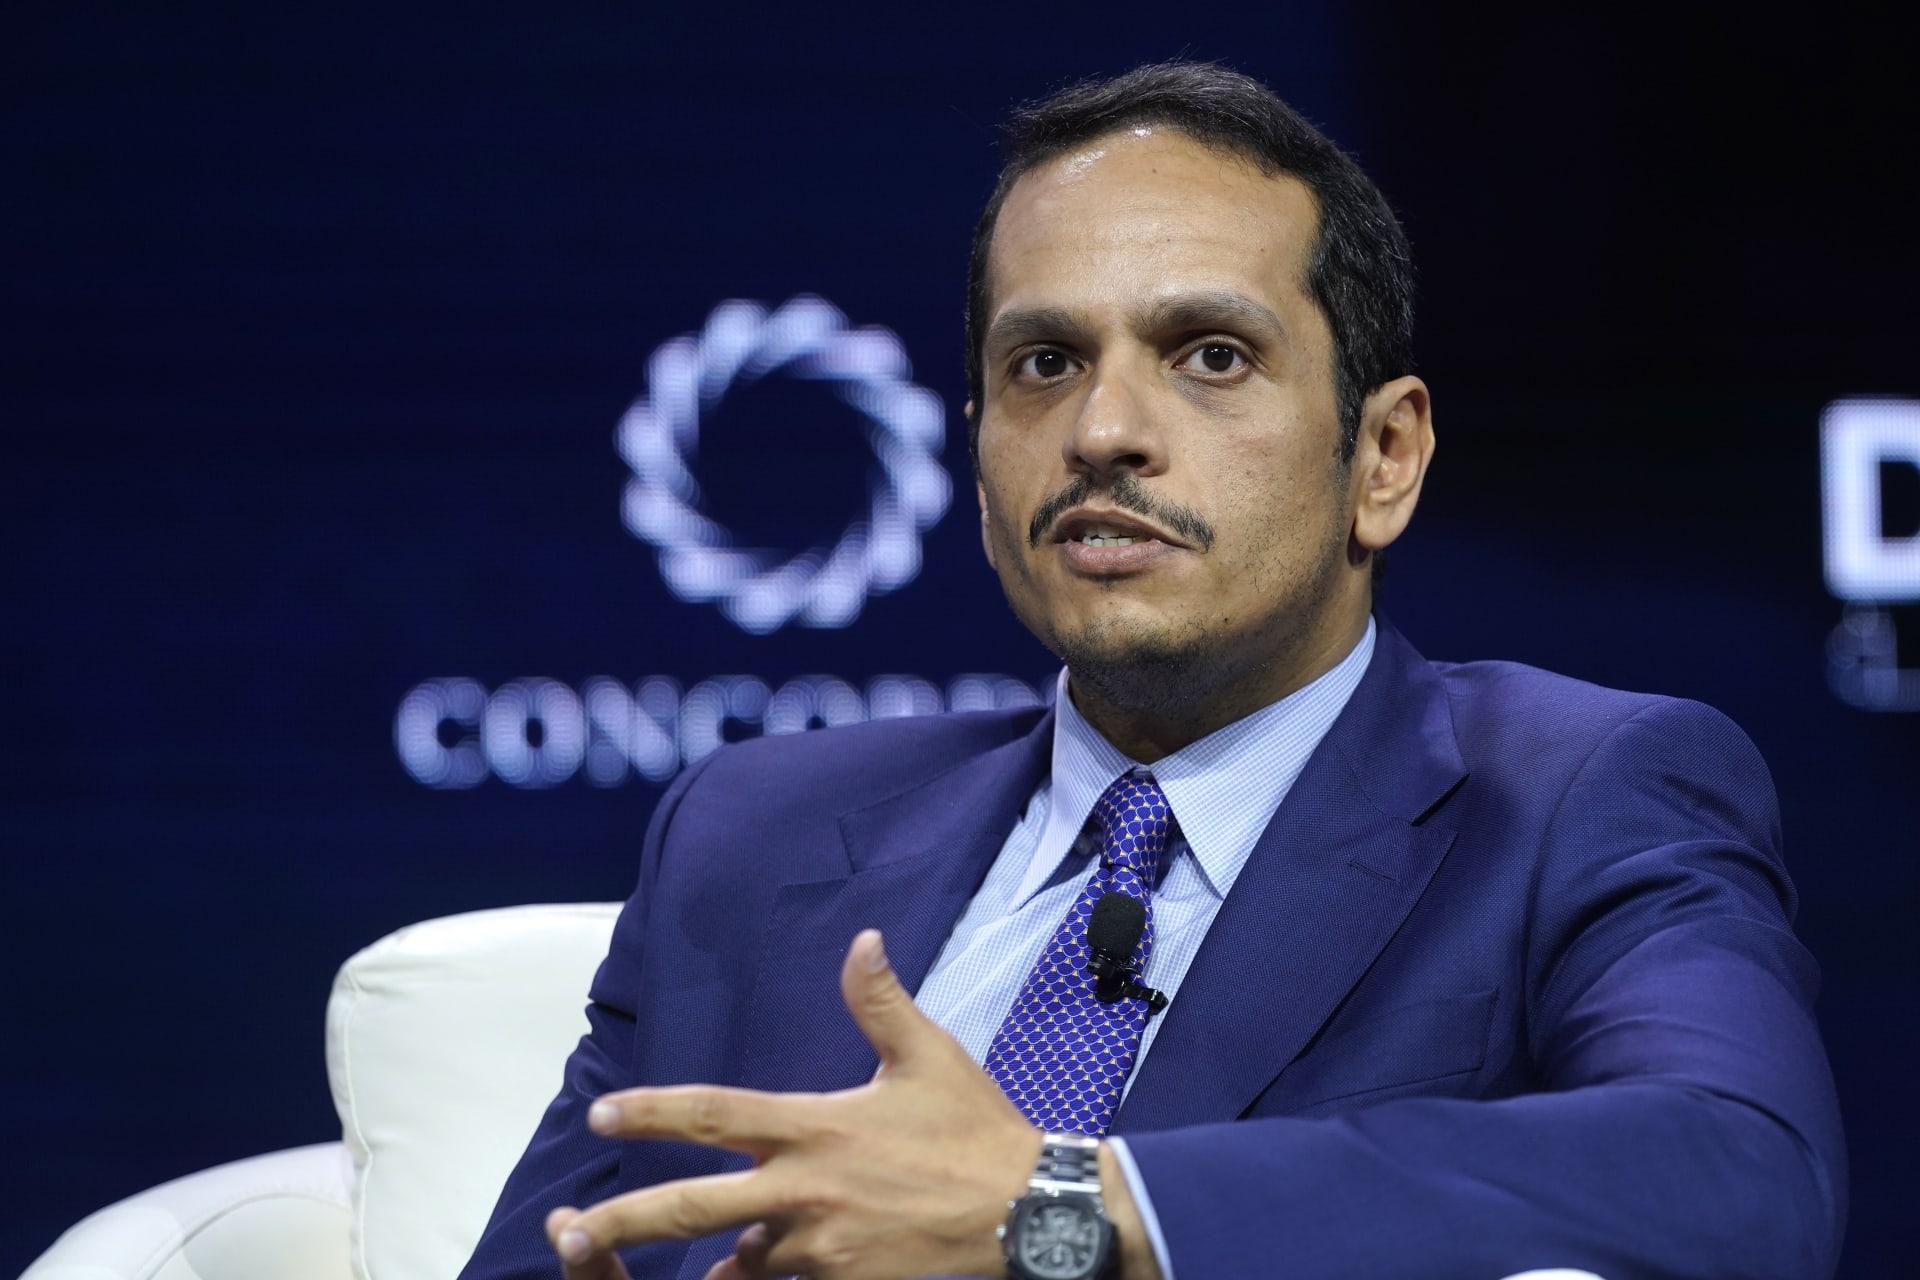 وزير خارجية قطر: أجرينا اتصالات للتهدئة وخفض التصعيد في المنطقة